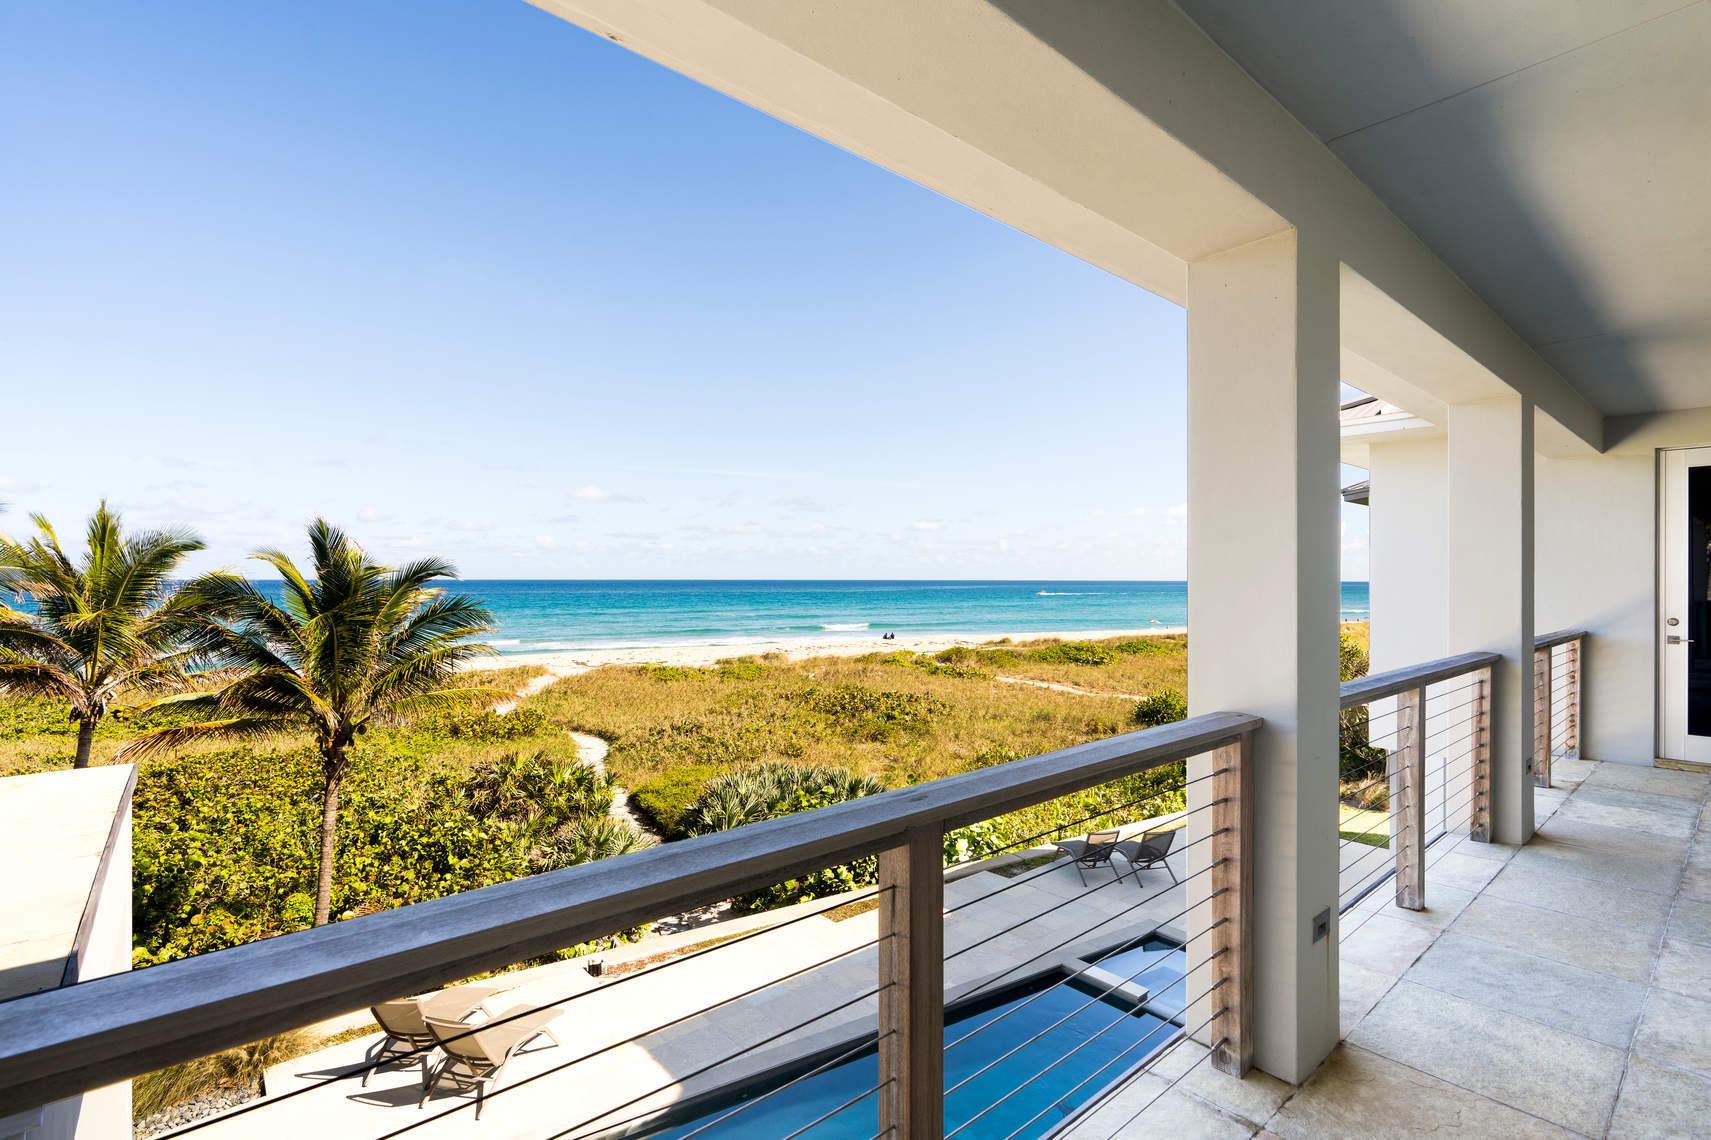 711 Ocean Boulevard, Delray Beach, Florida 33483, 7 Bedrooms Bedrooms, ,7.1 BathroomsBathrooms,Single Family Detached,For Sale,Ocean,RX-10611037